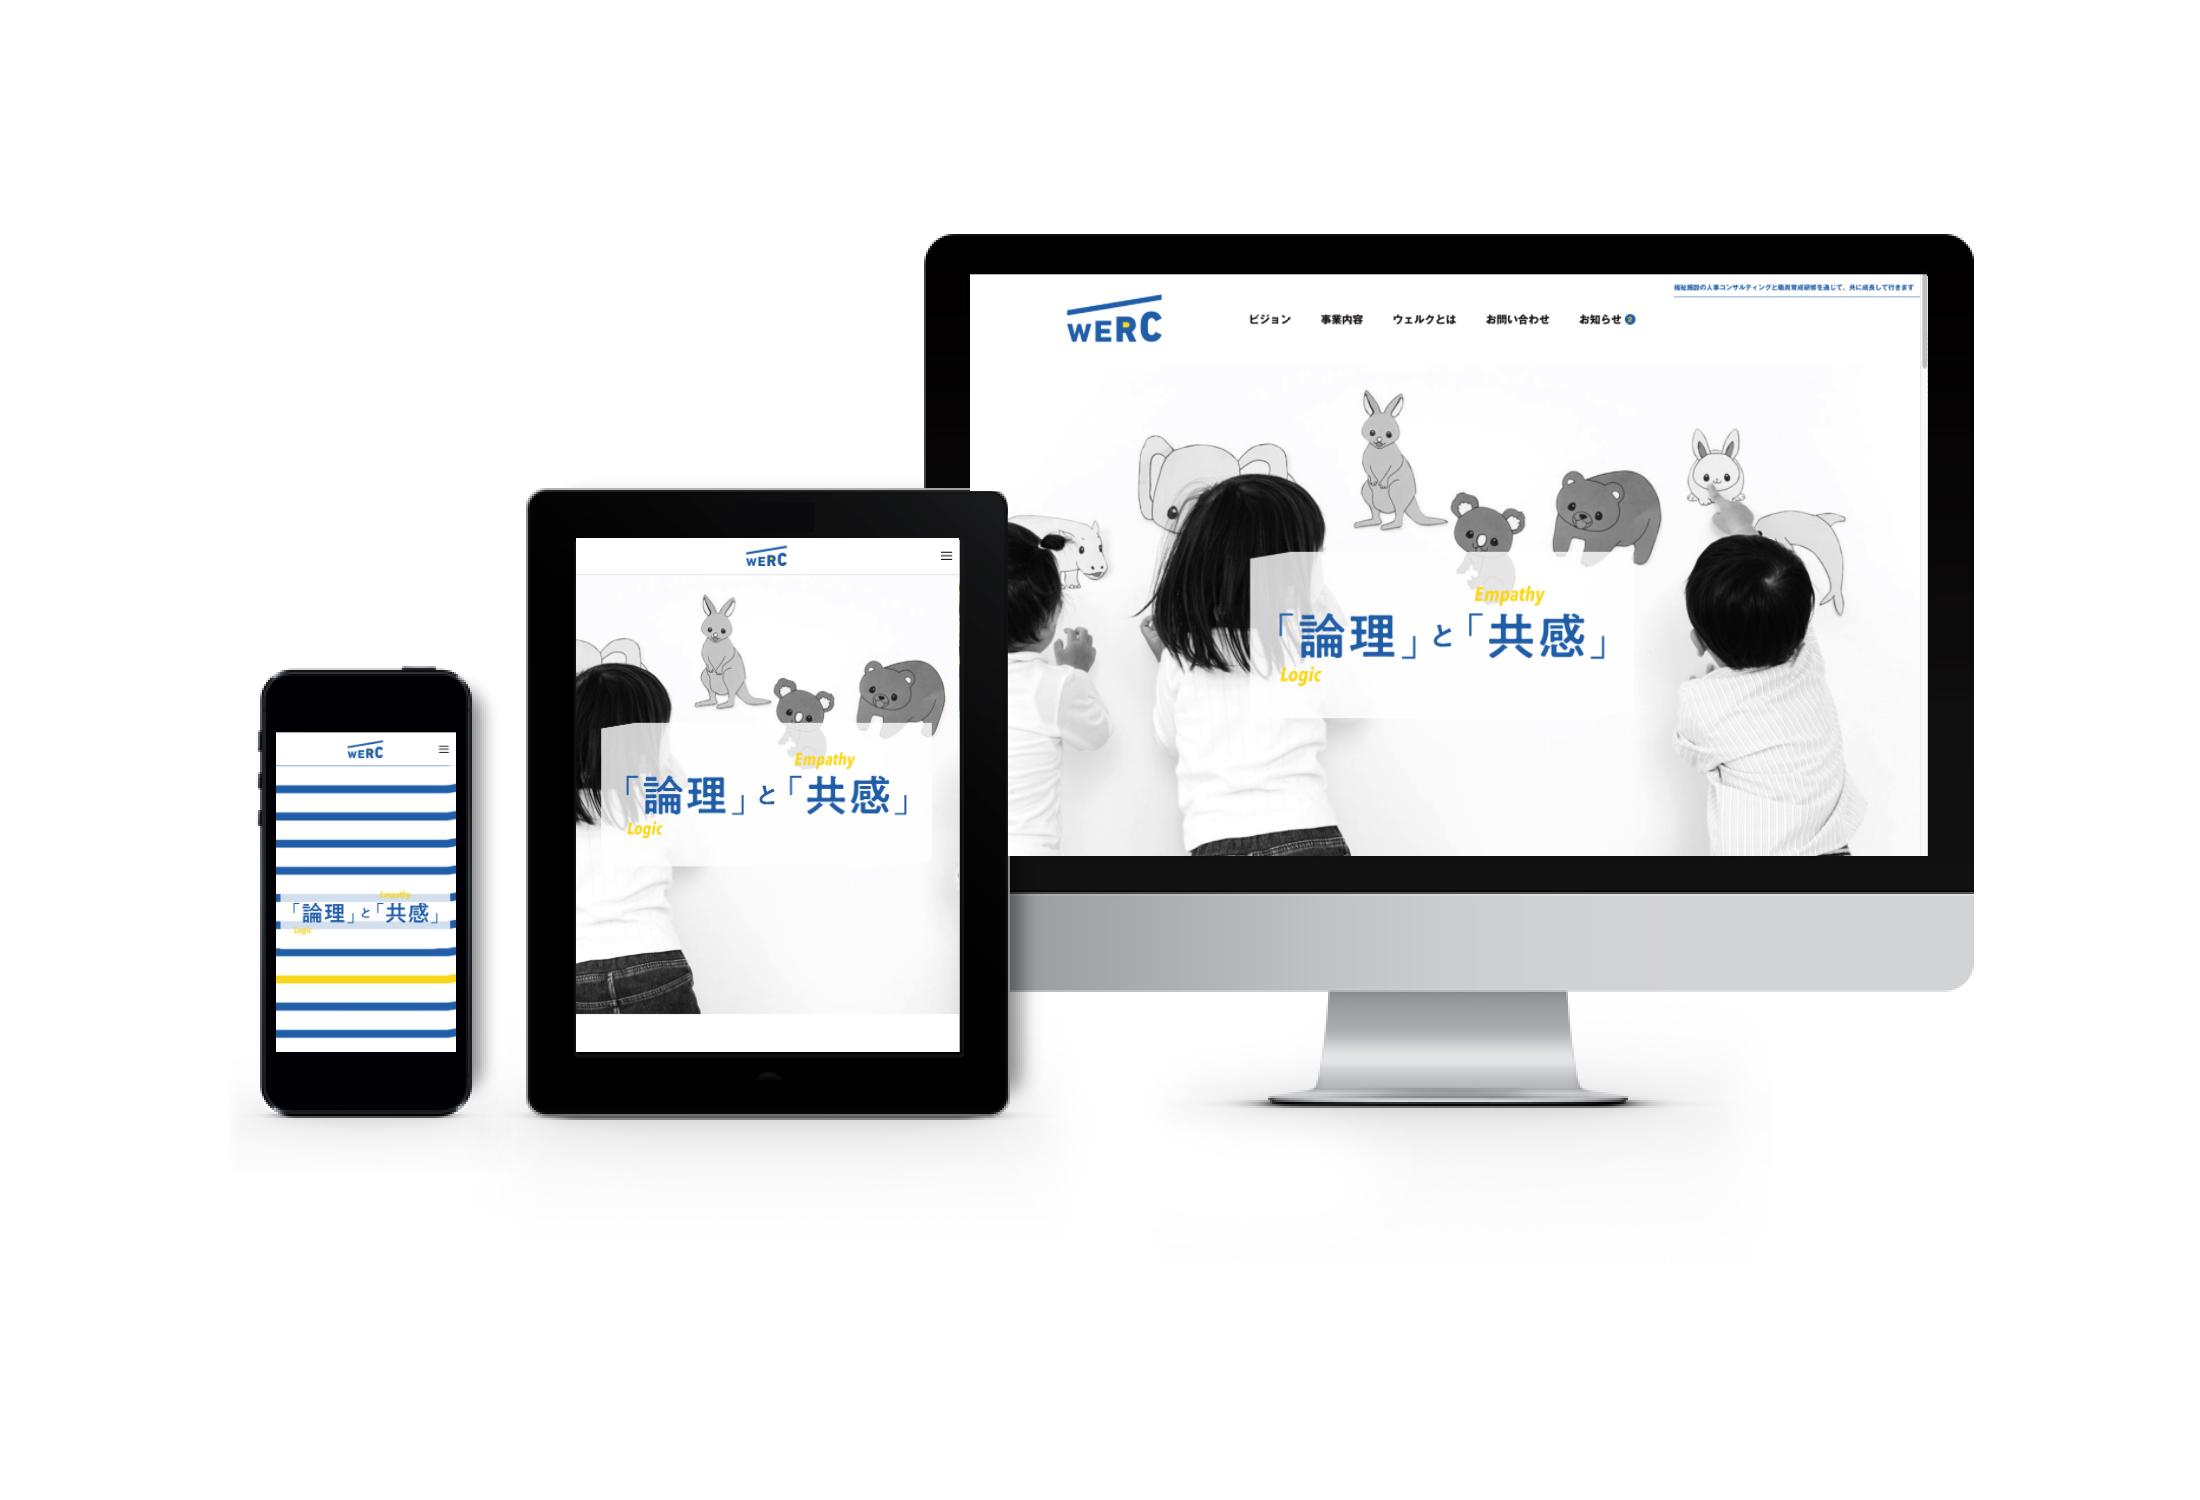 WERC|CIロゴデザイン グラフィックデザイン ブランドデザイン ウェブデザイン